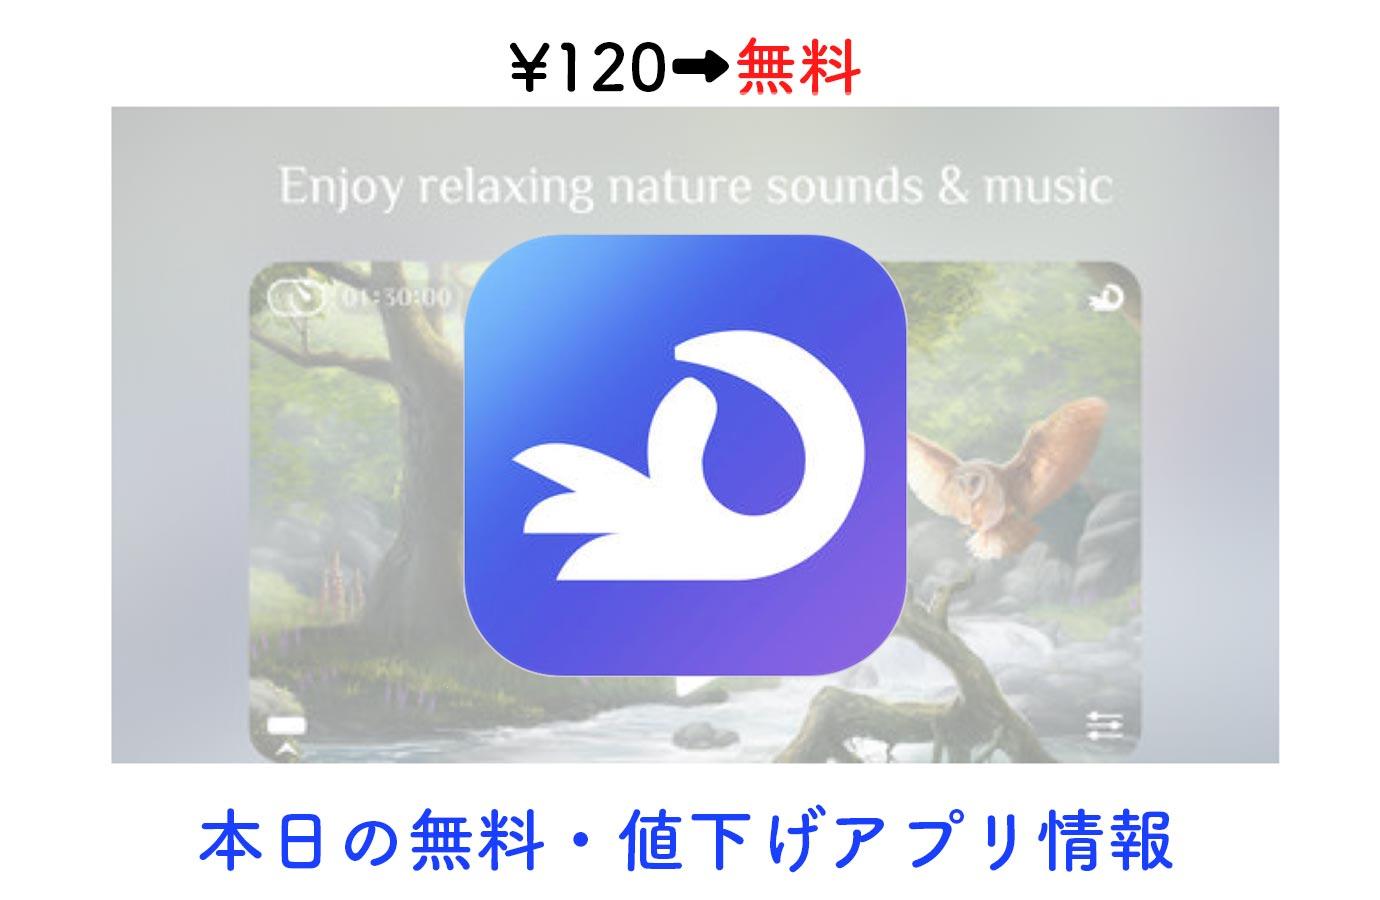 ¥120→無料、自然の水の音などリラックスできる環境音が収録された「Flowing」など【12/5】本日の無料・値下げアプリ情報